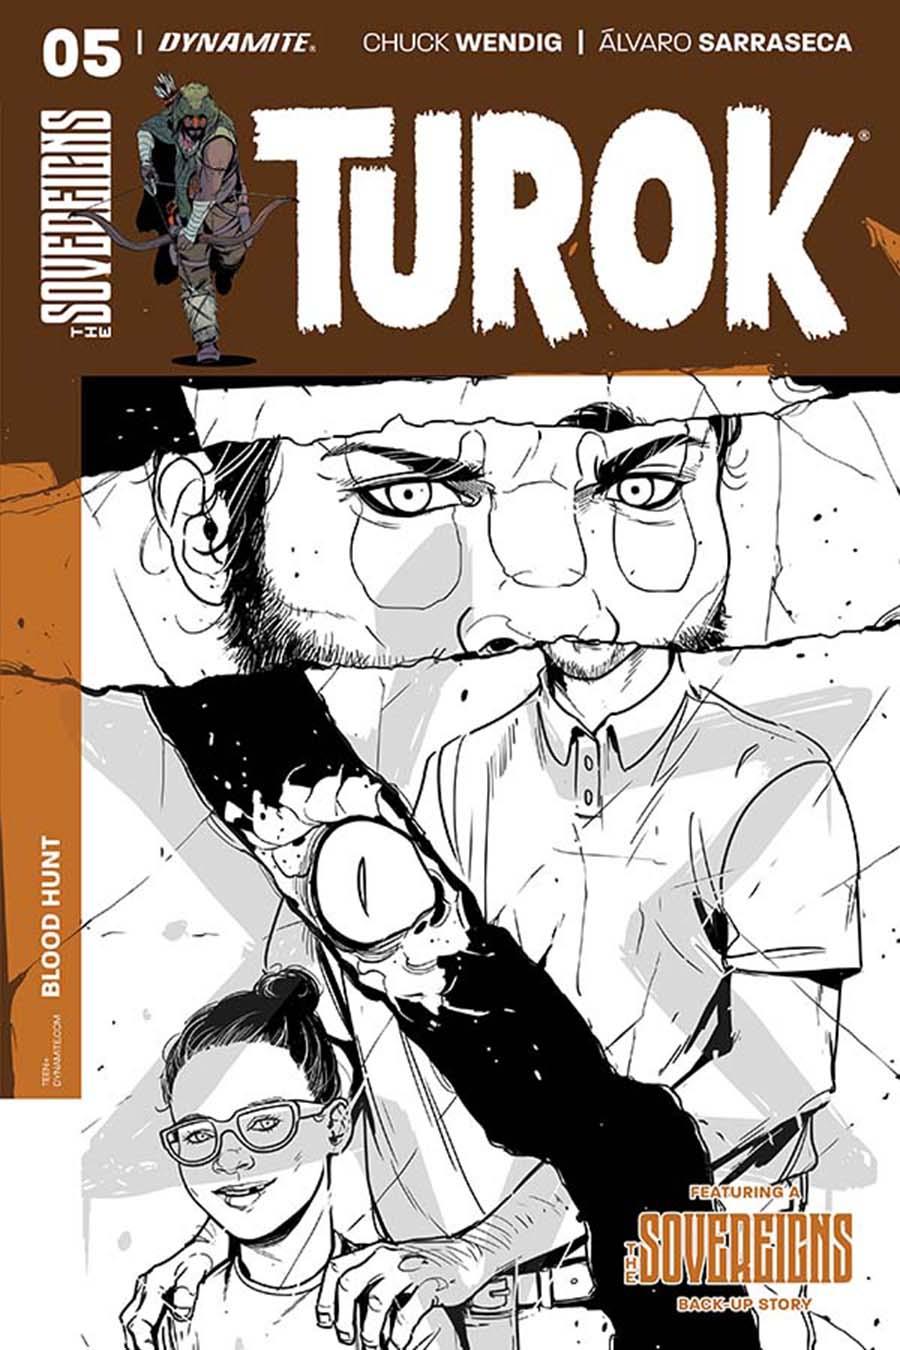 Turok Vol 2 #5 Cover C Incentive Alvaro Sarraseca Black & White Cover